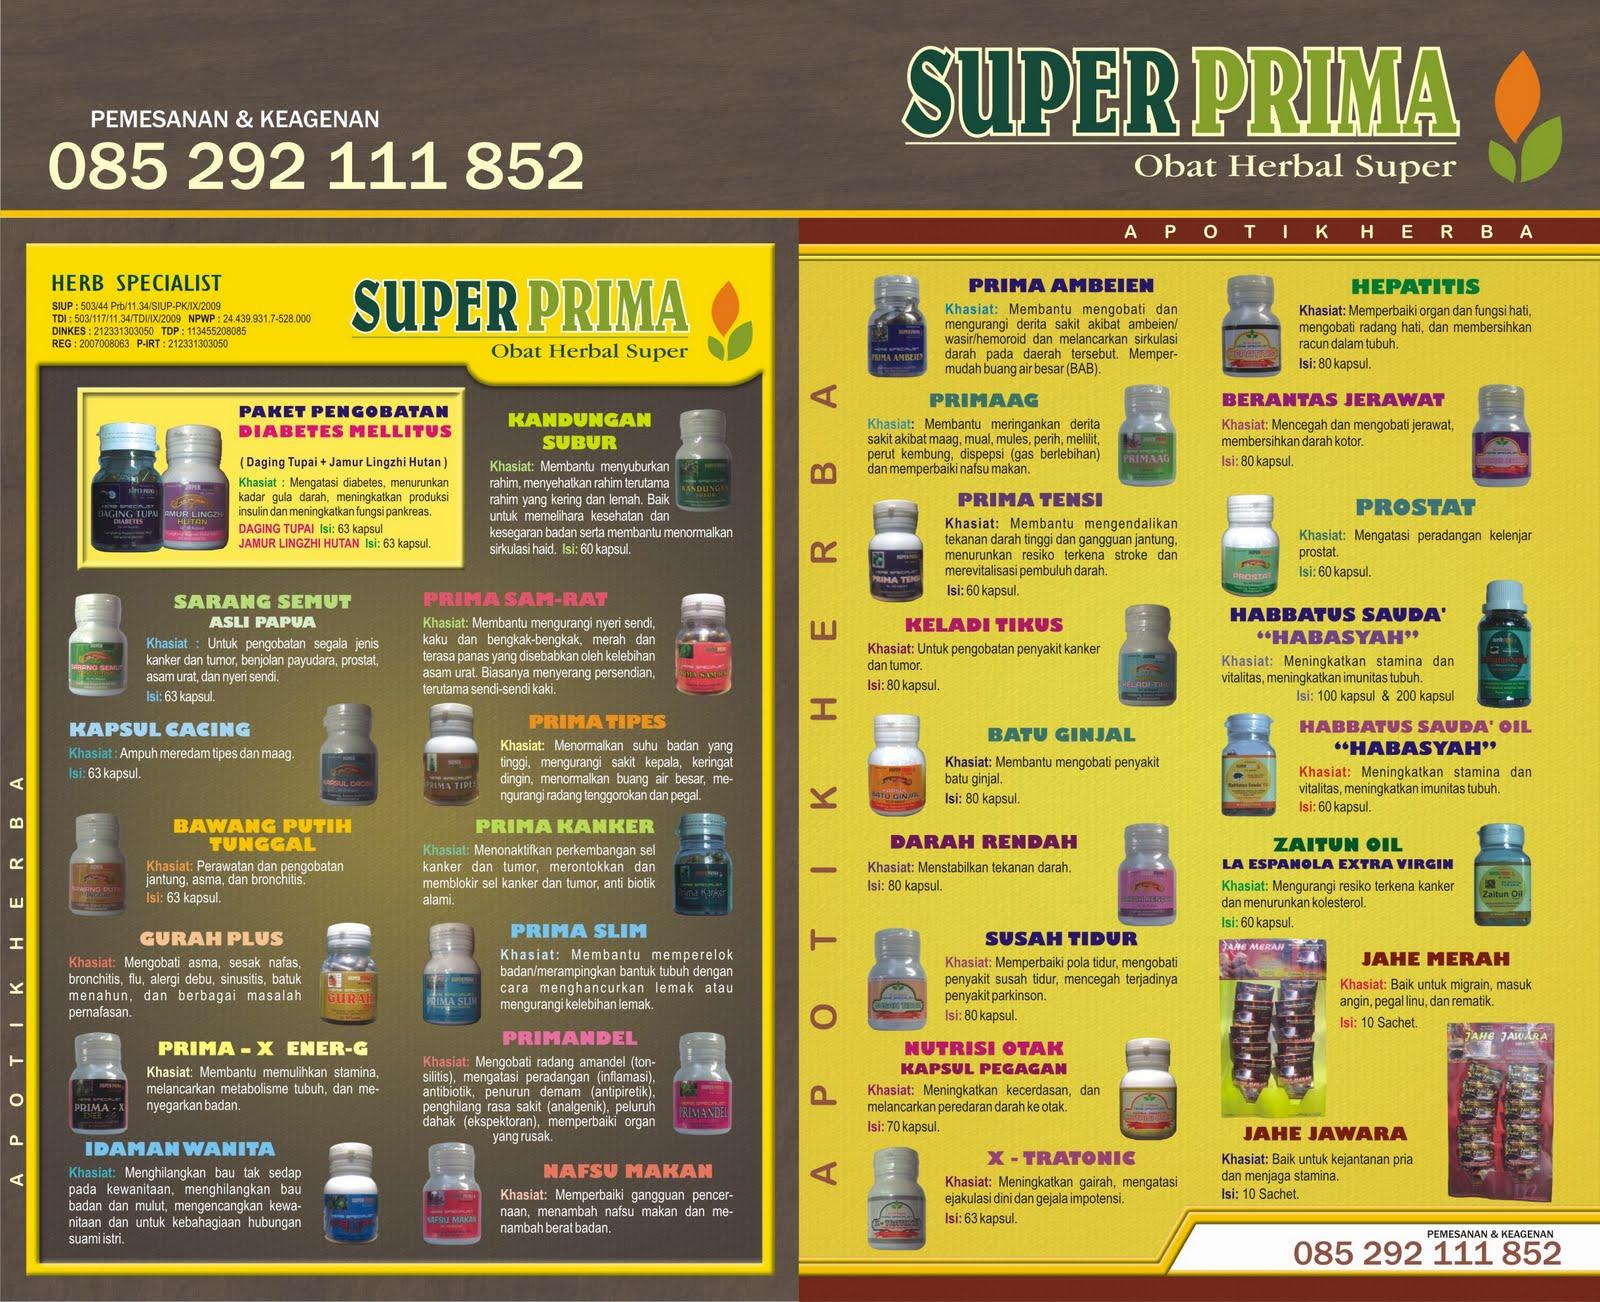 Maret 2010 Apotek Herba Jamur Lingzhi Kwalitas Super Obat Tumor Kanker Dan Stroke Katalog Produk Harga Herbal Superprima